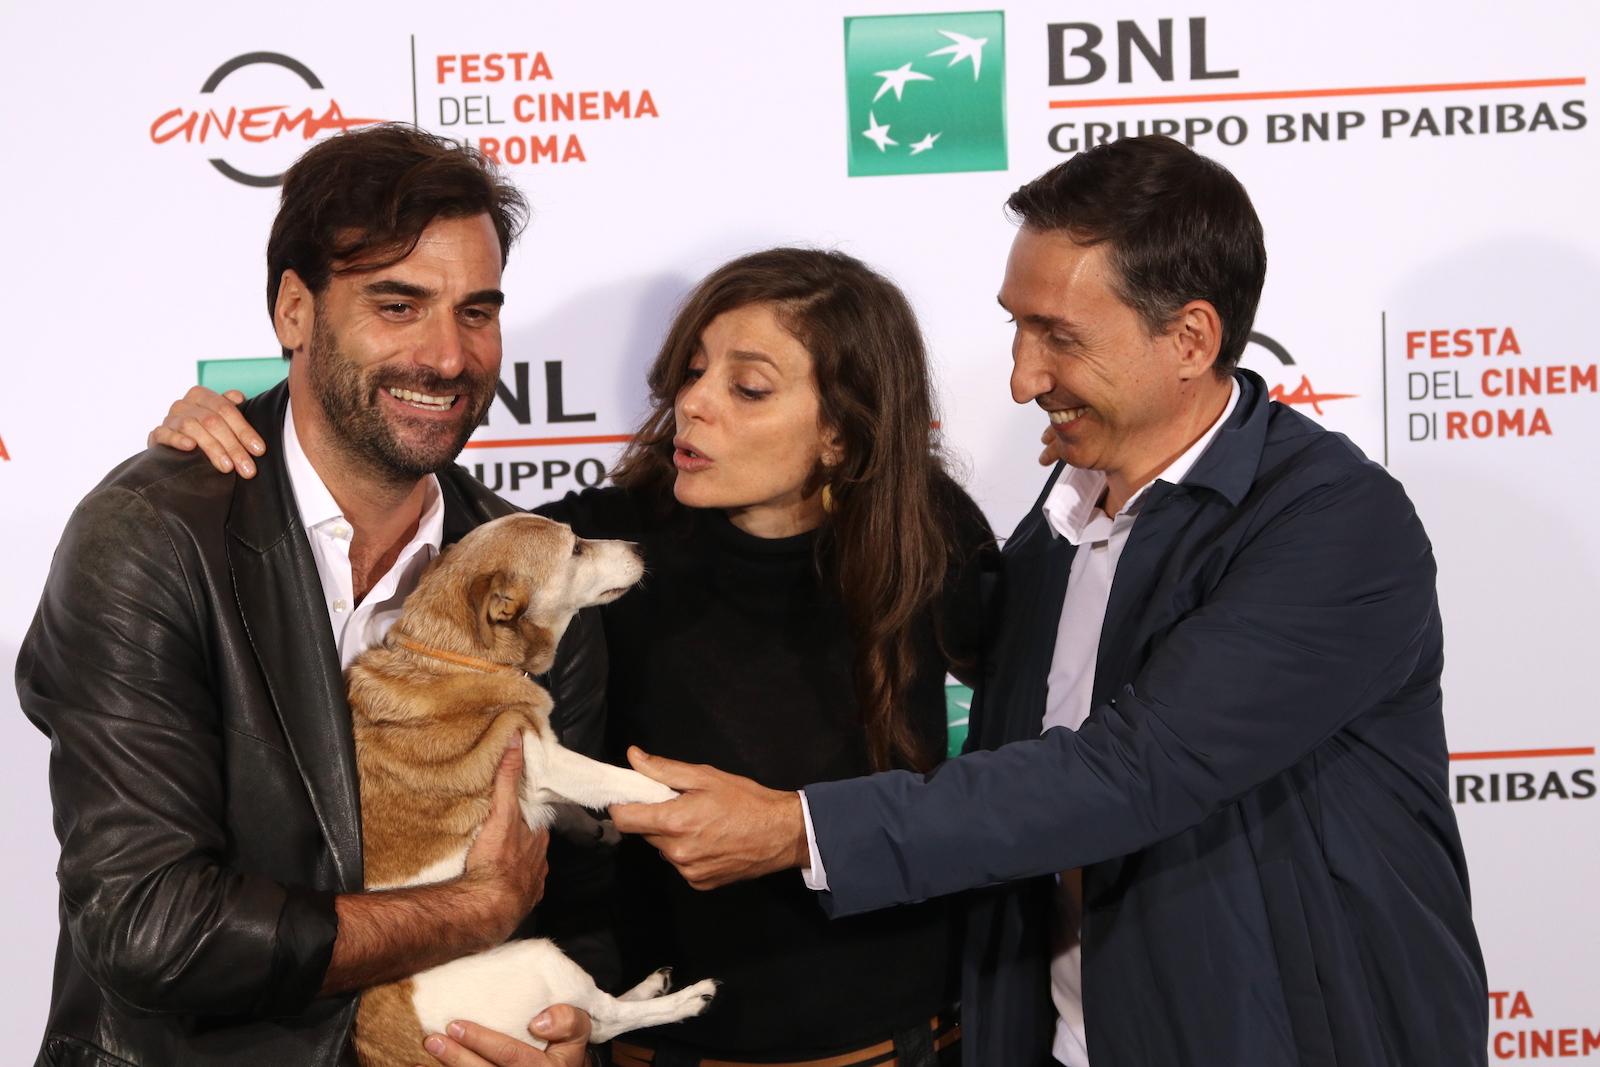 Roma 2016: Karen Di Porto, Cyro Rossi, Nicola Mancini e la cagnolina Bea al photocall di Maria per Roma